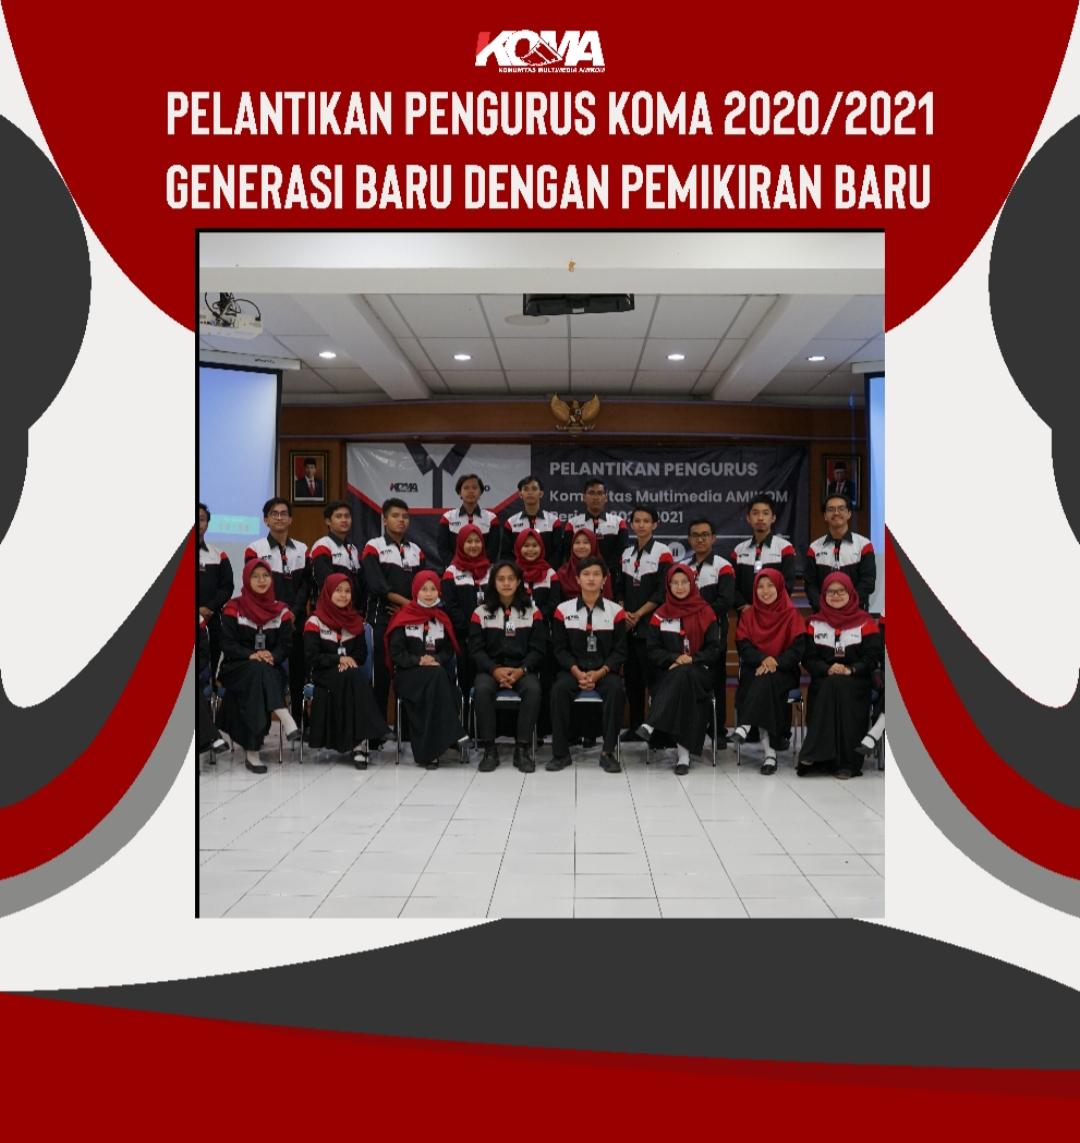 Pelantikan-Pengurus-KOMA-2020-2021